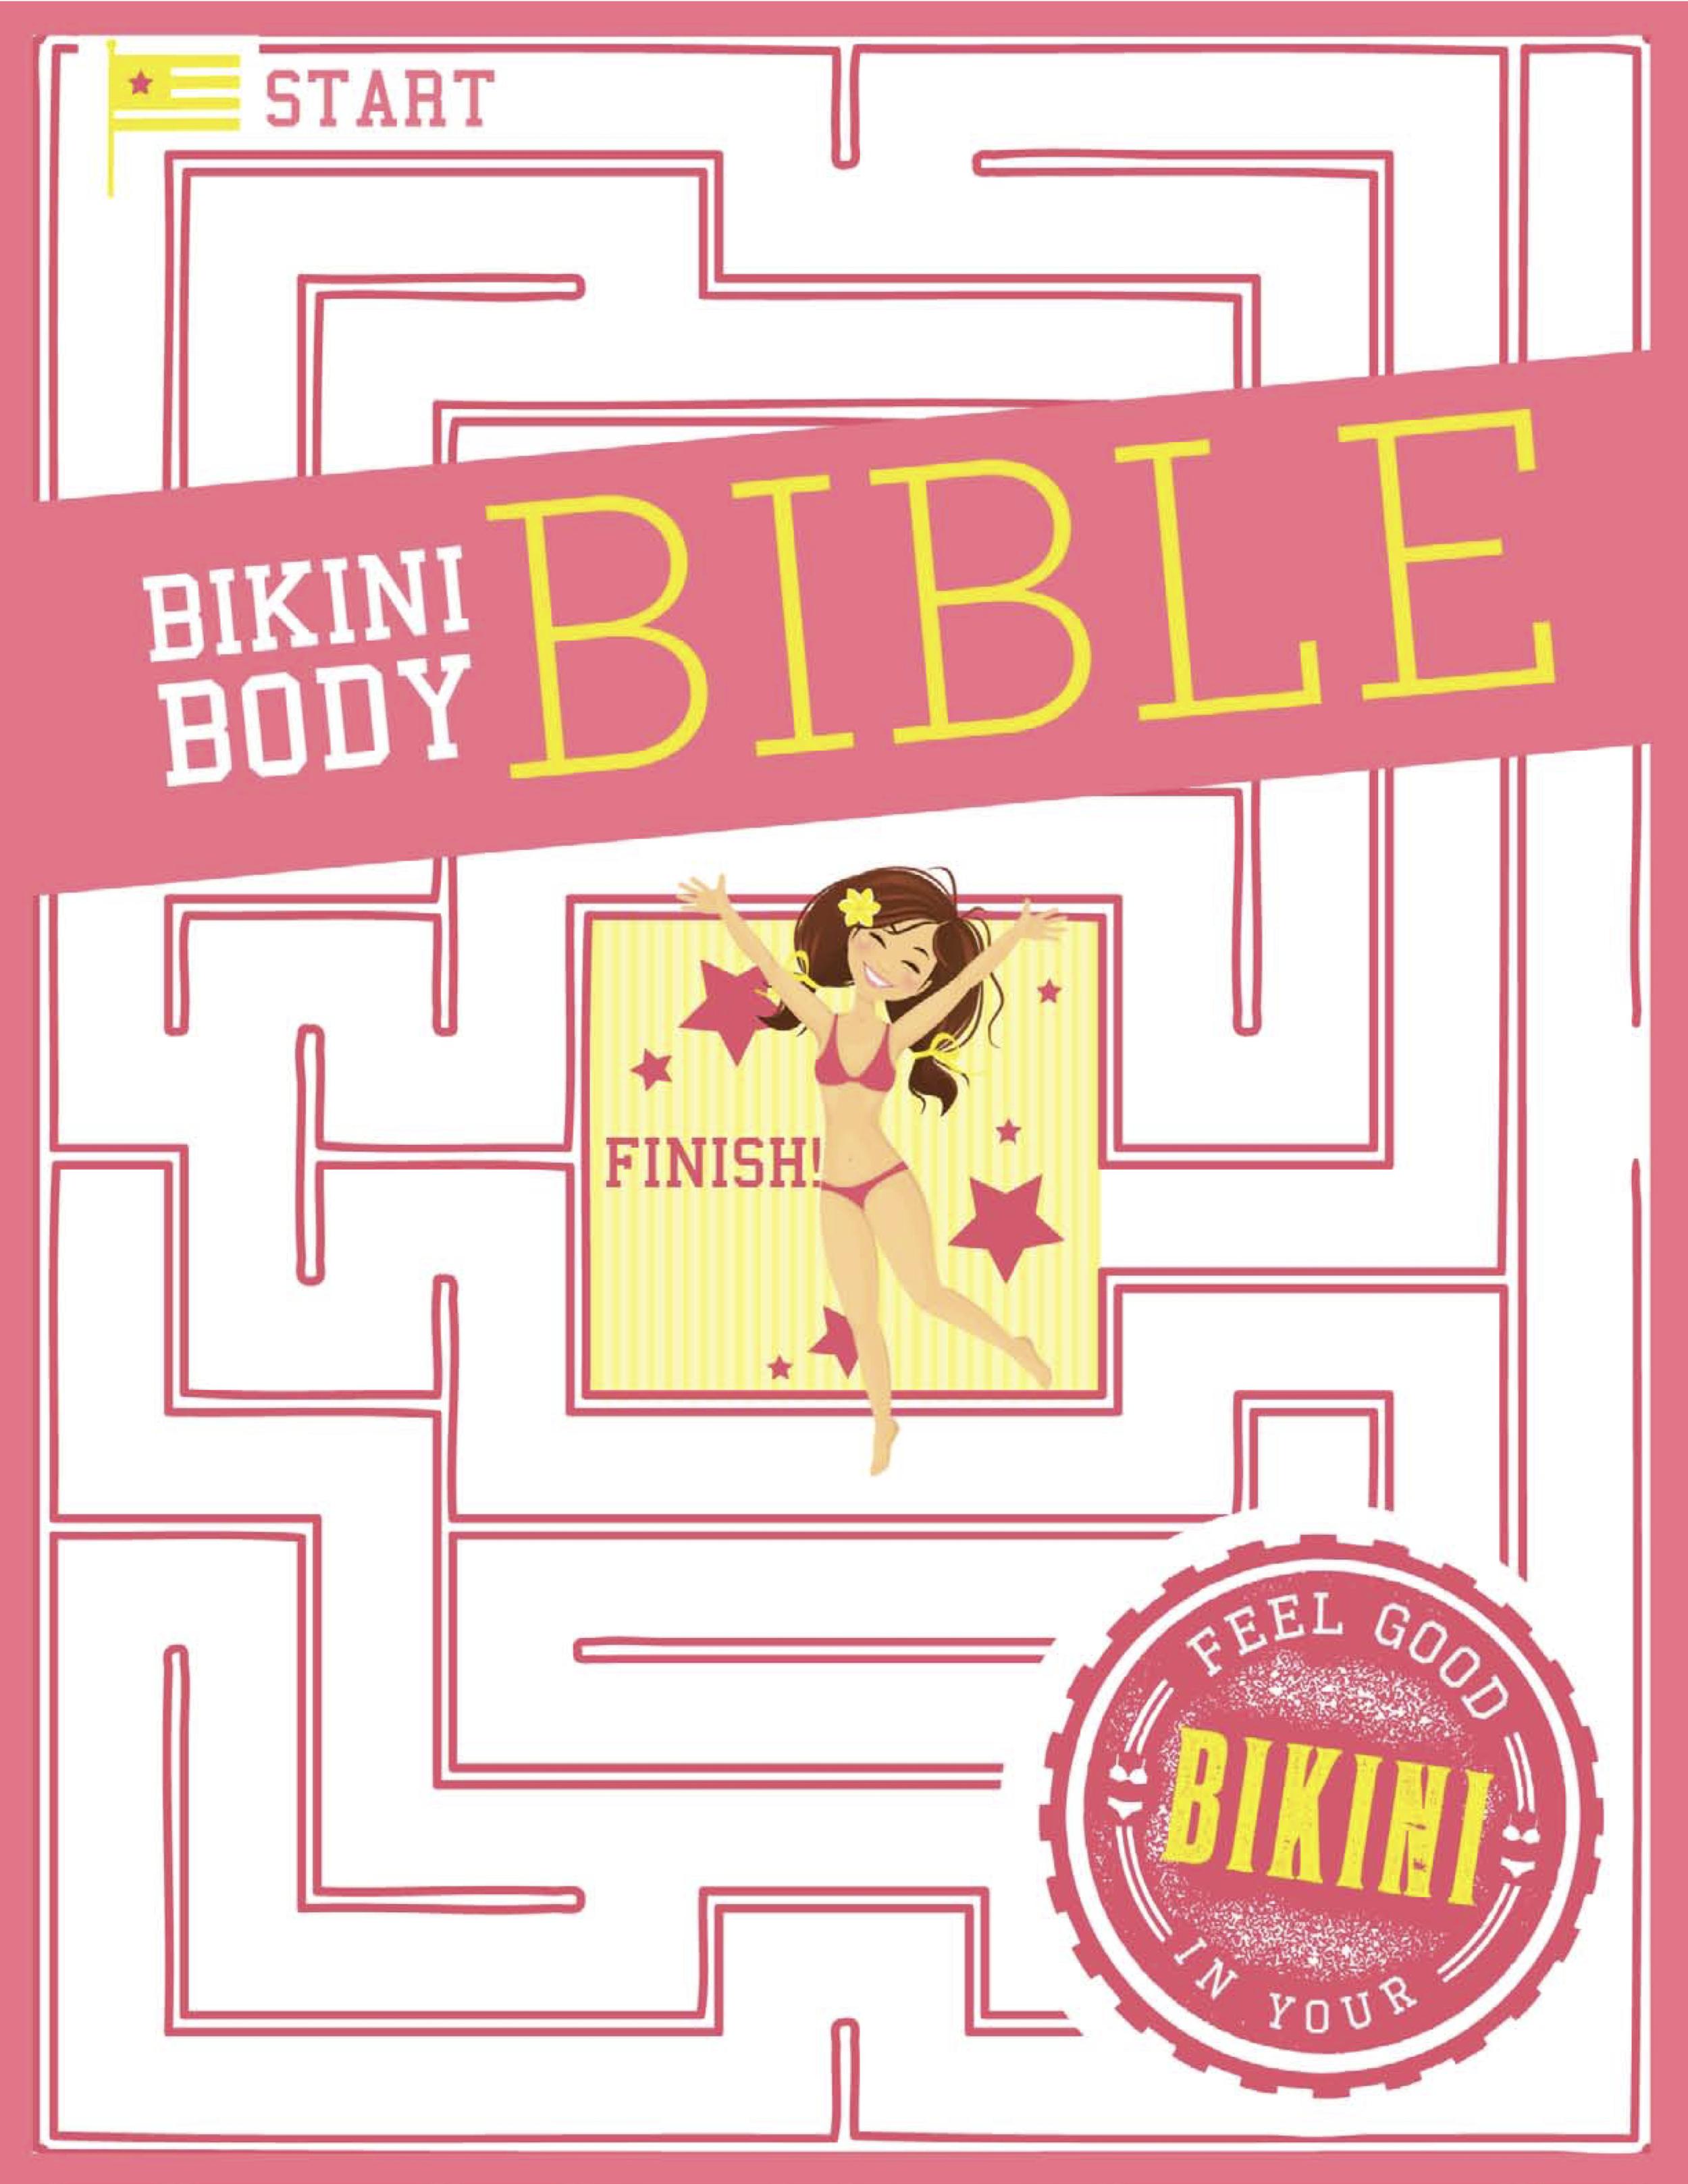 Bikini Body Bible 2015 Preview.jpg